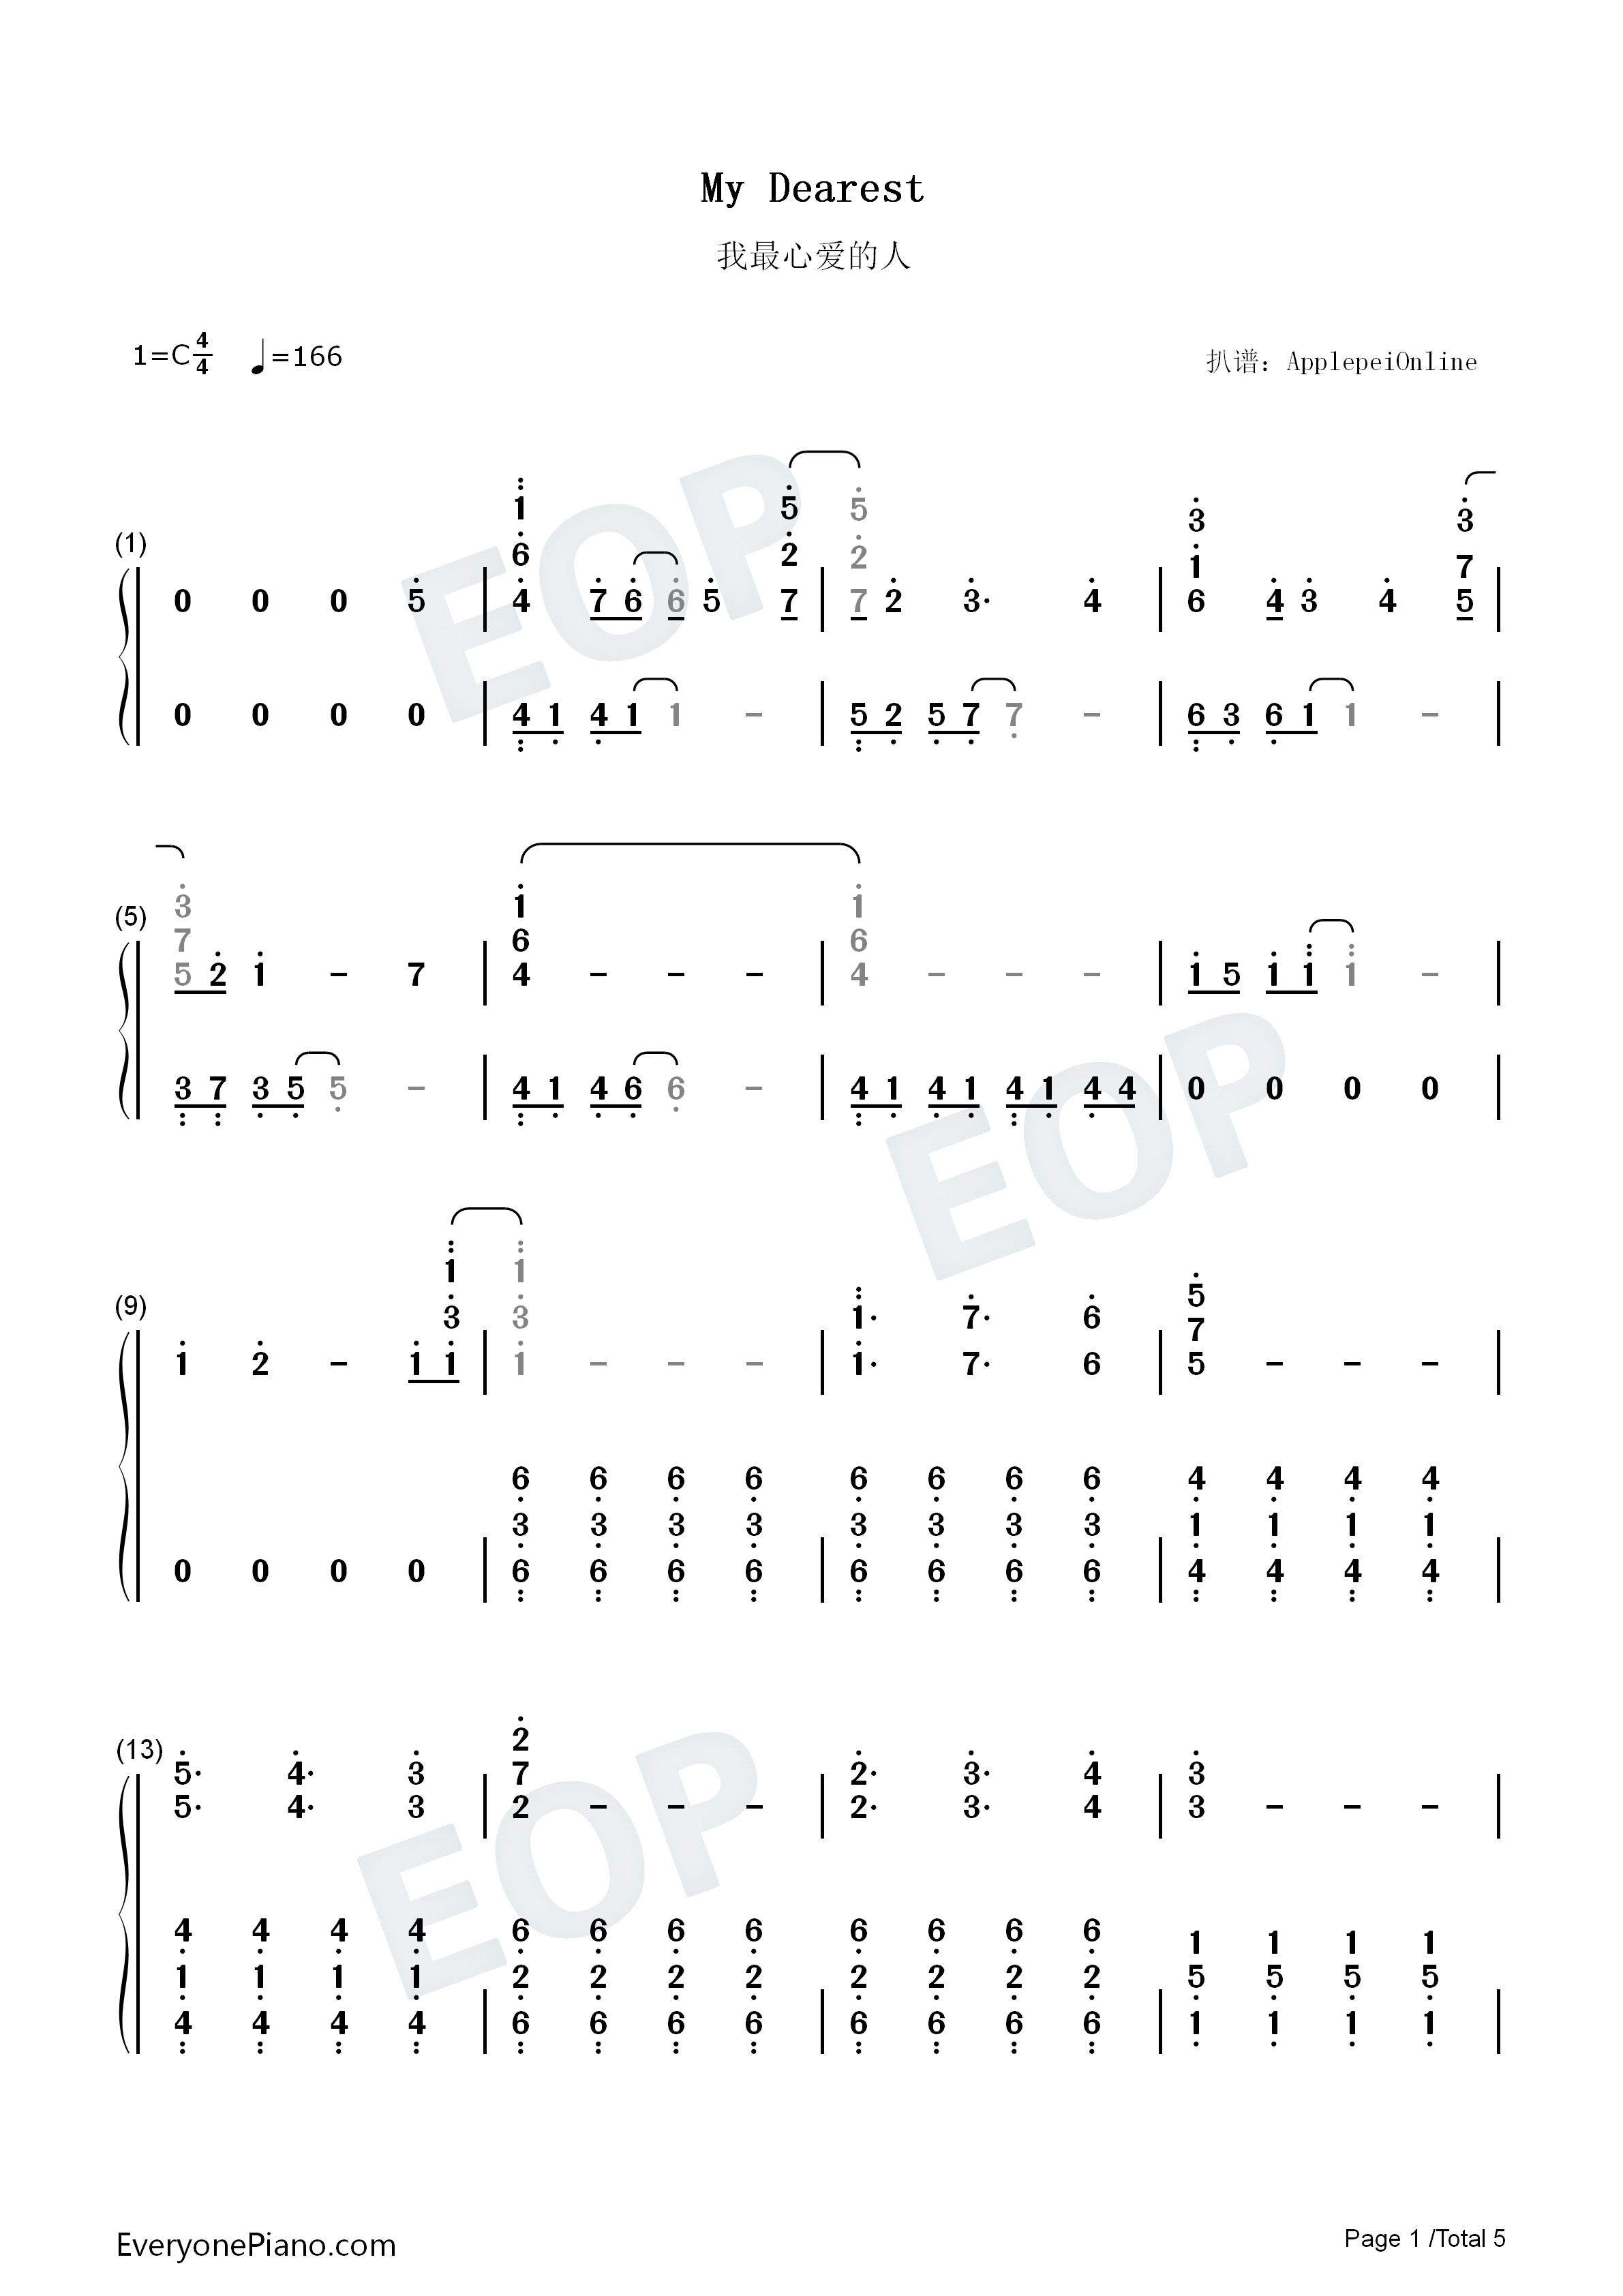 My dearest guilty crown op numbered musical notation preview 1 listen now print sheet my dearest guilty crown op numbered musical notation preview 1 hexwebz Images